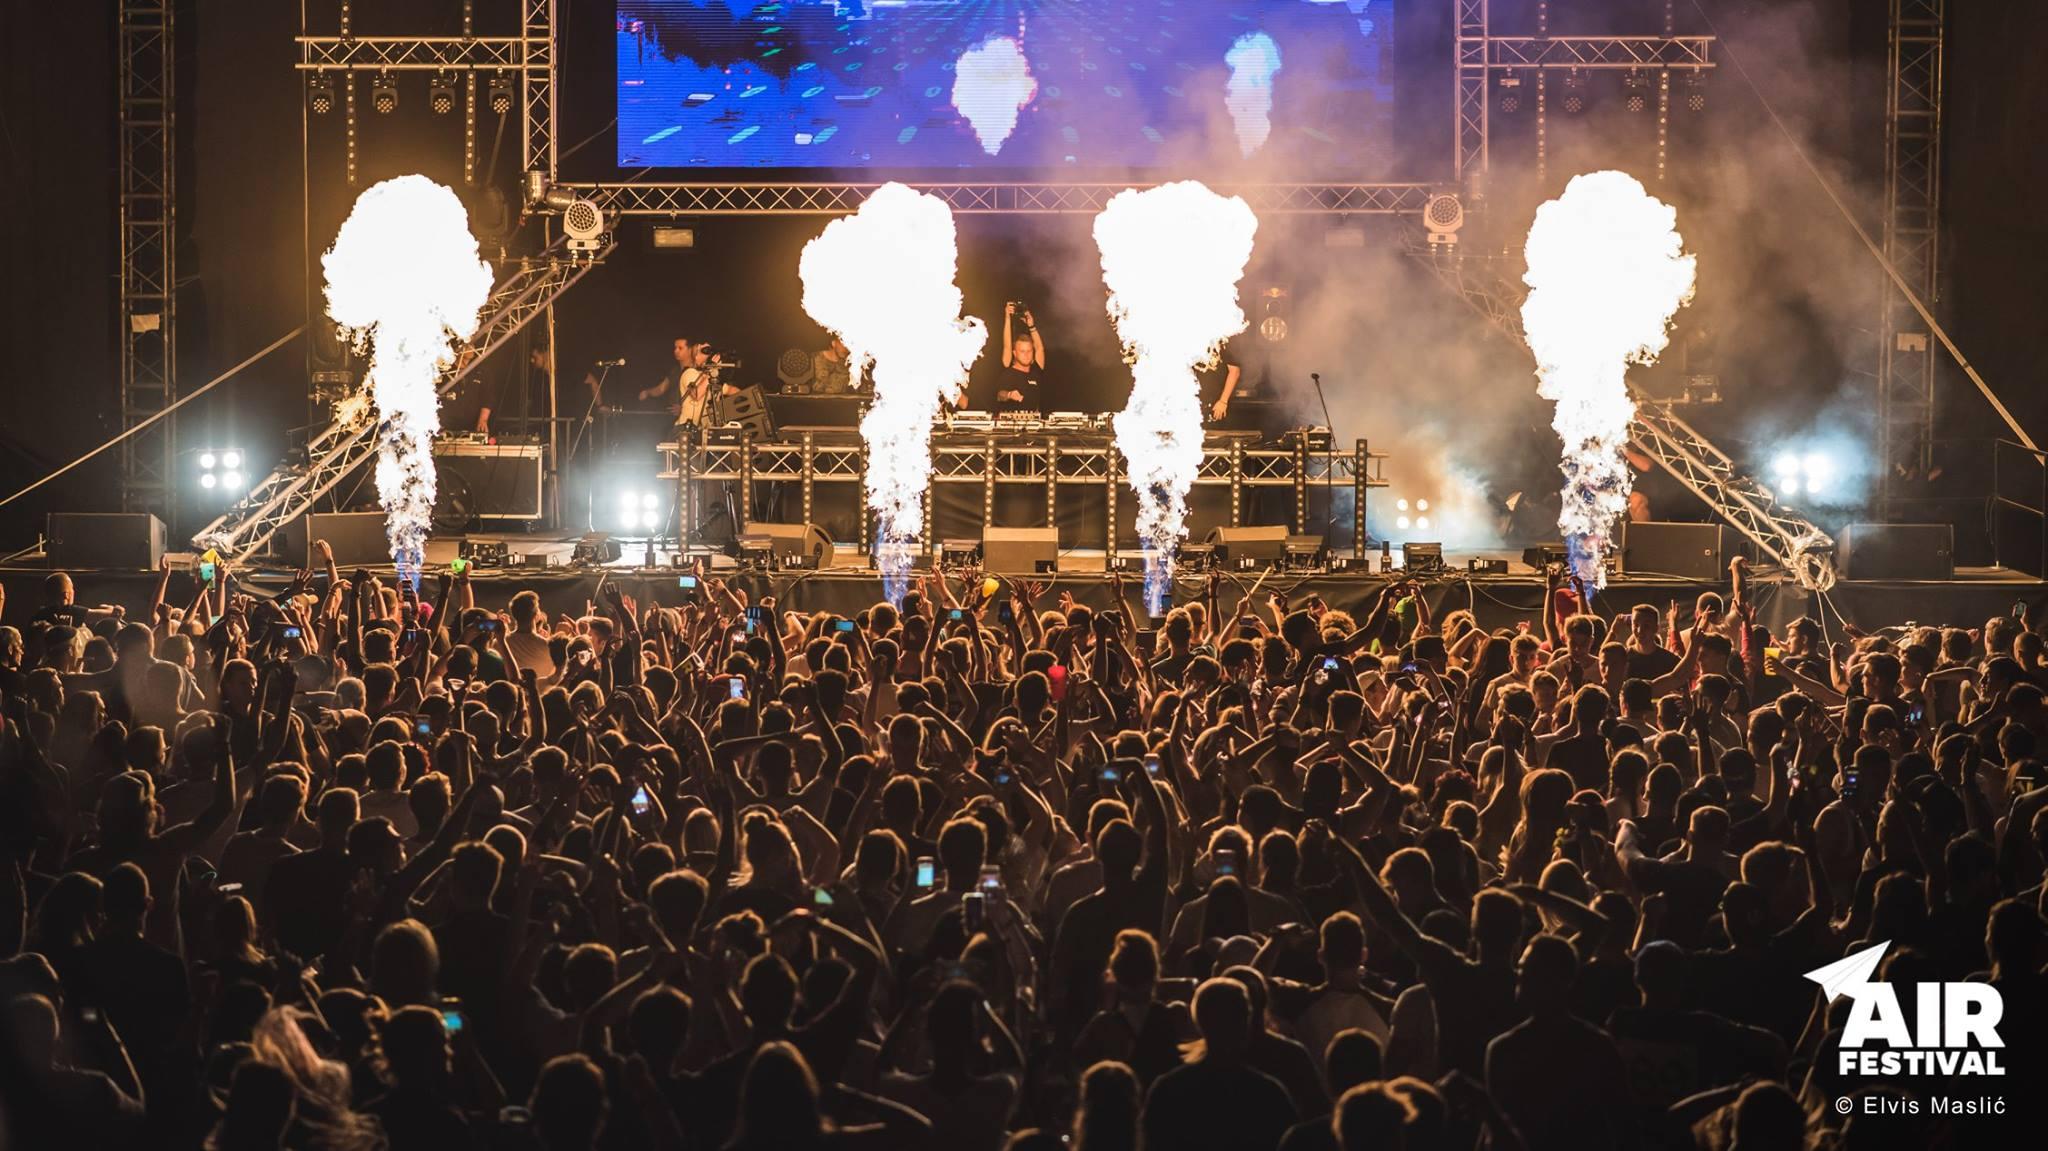 AIR festival